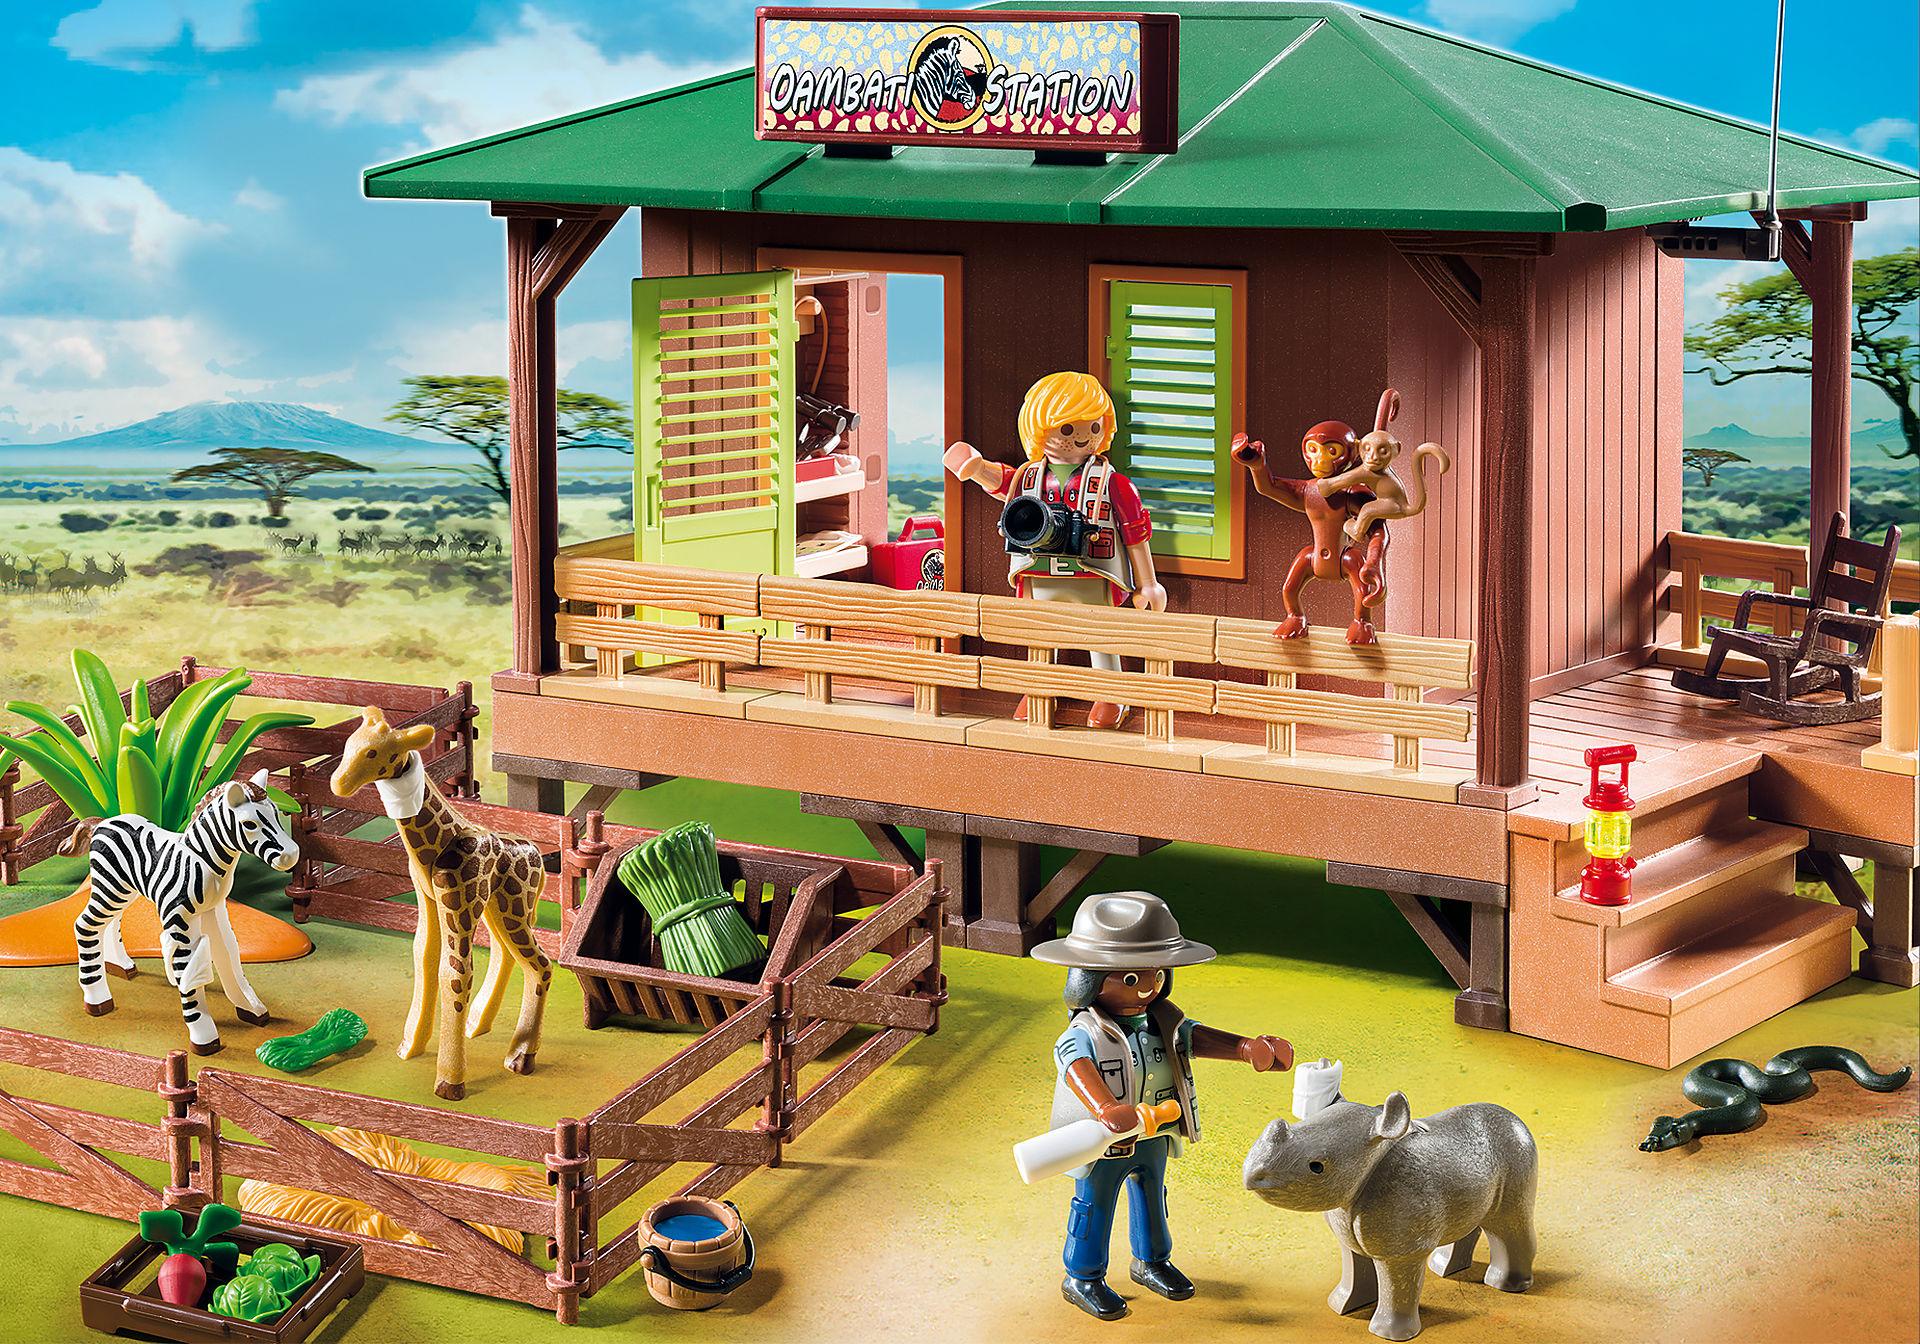 6936 Rangerstation mit Tieraufzucht zoom image1